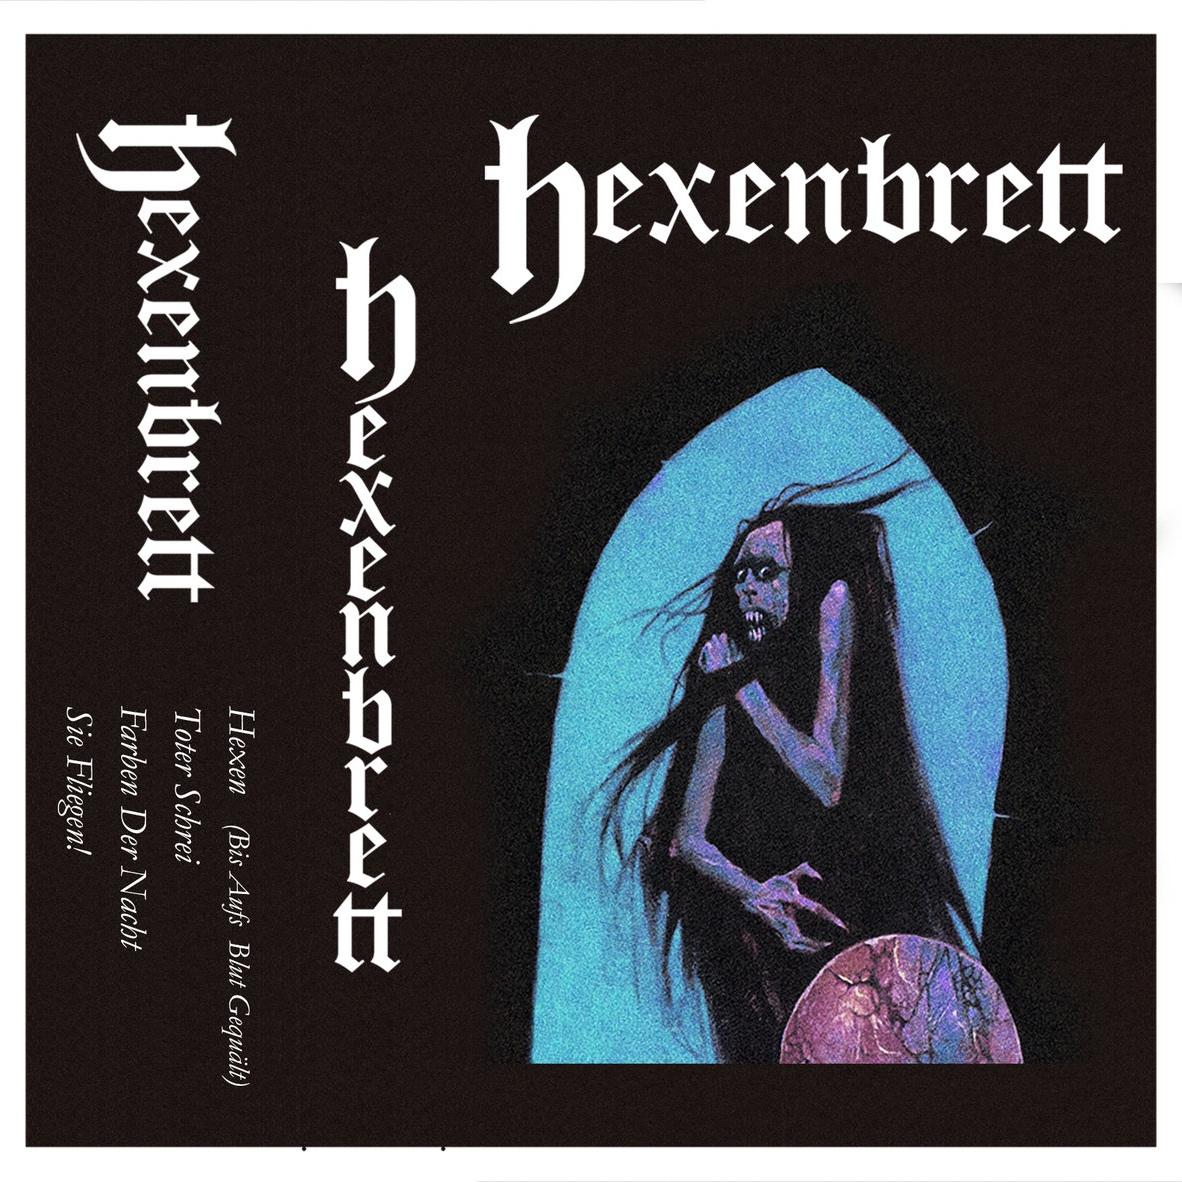 Hexenbrett - Demented castle darkness